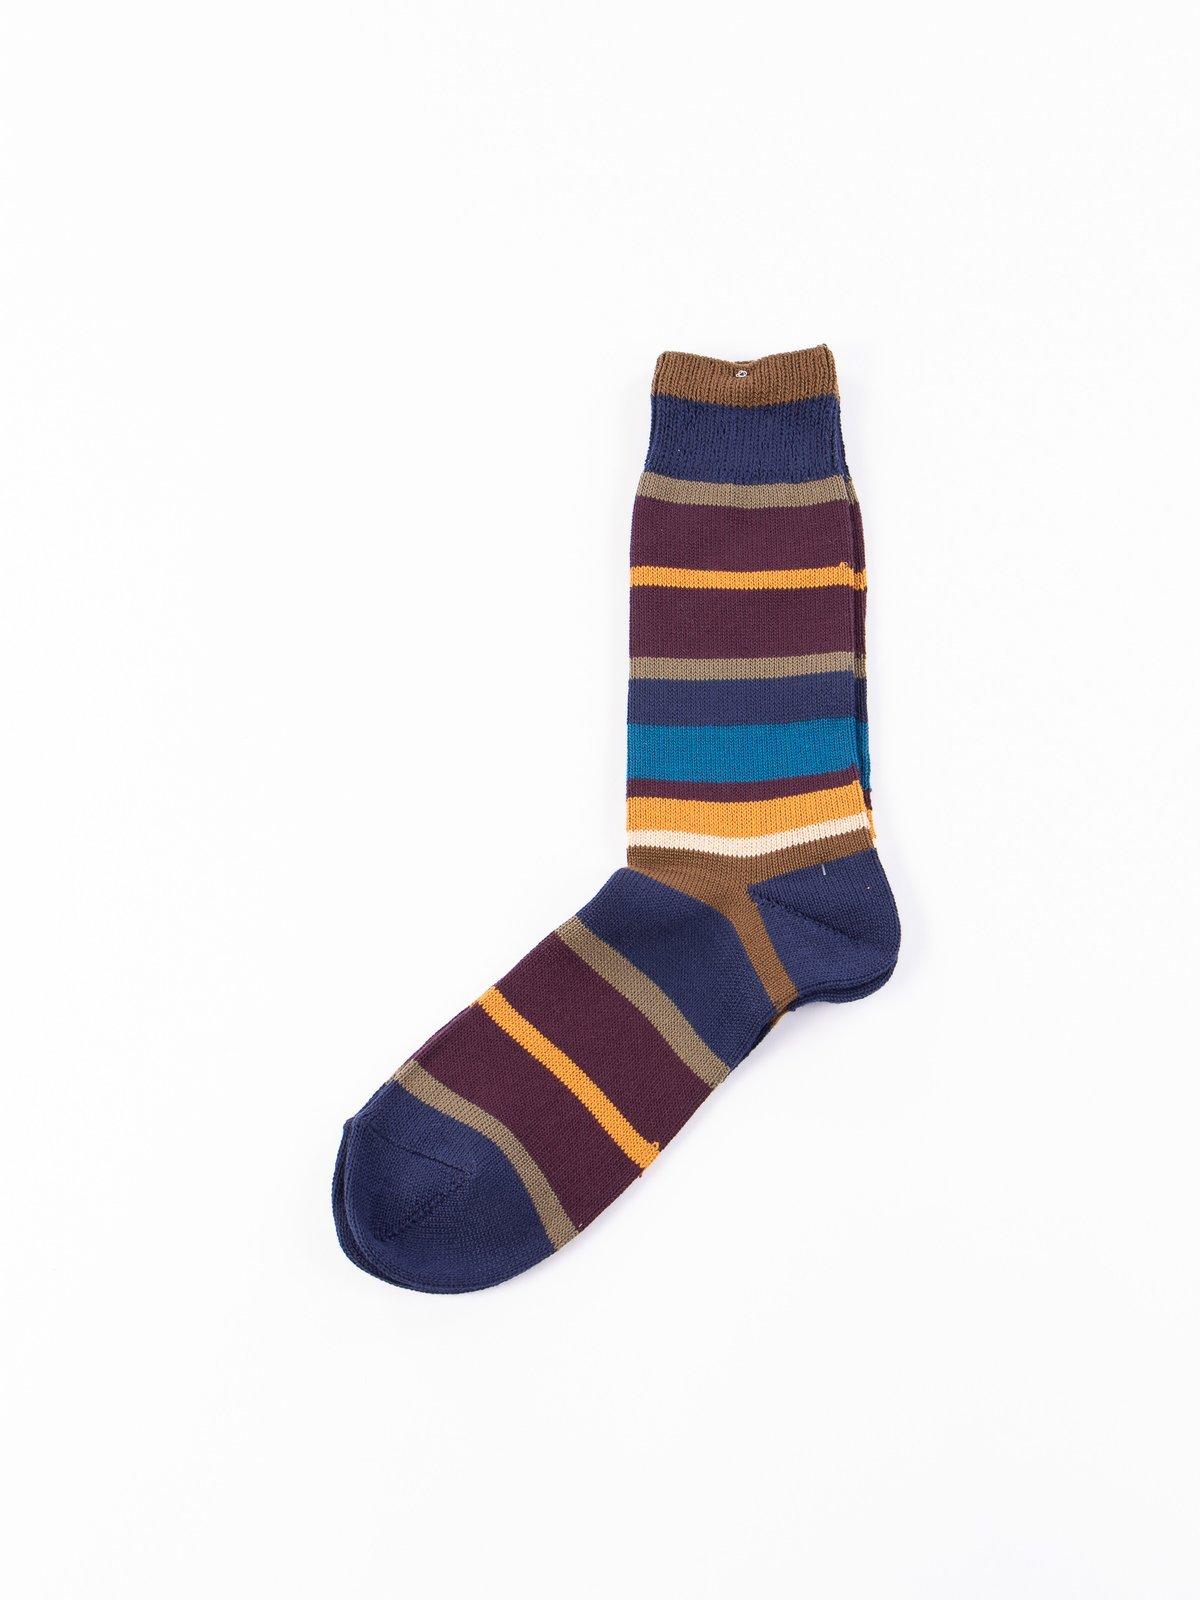 Dark Navy Multi Stripe Crew Socks - Image 1